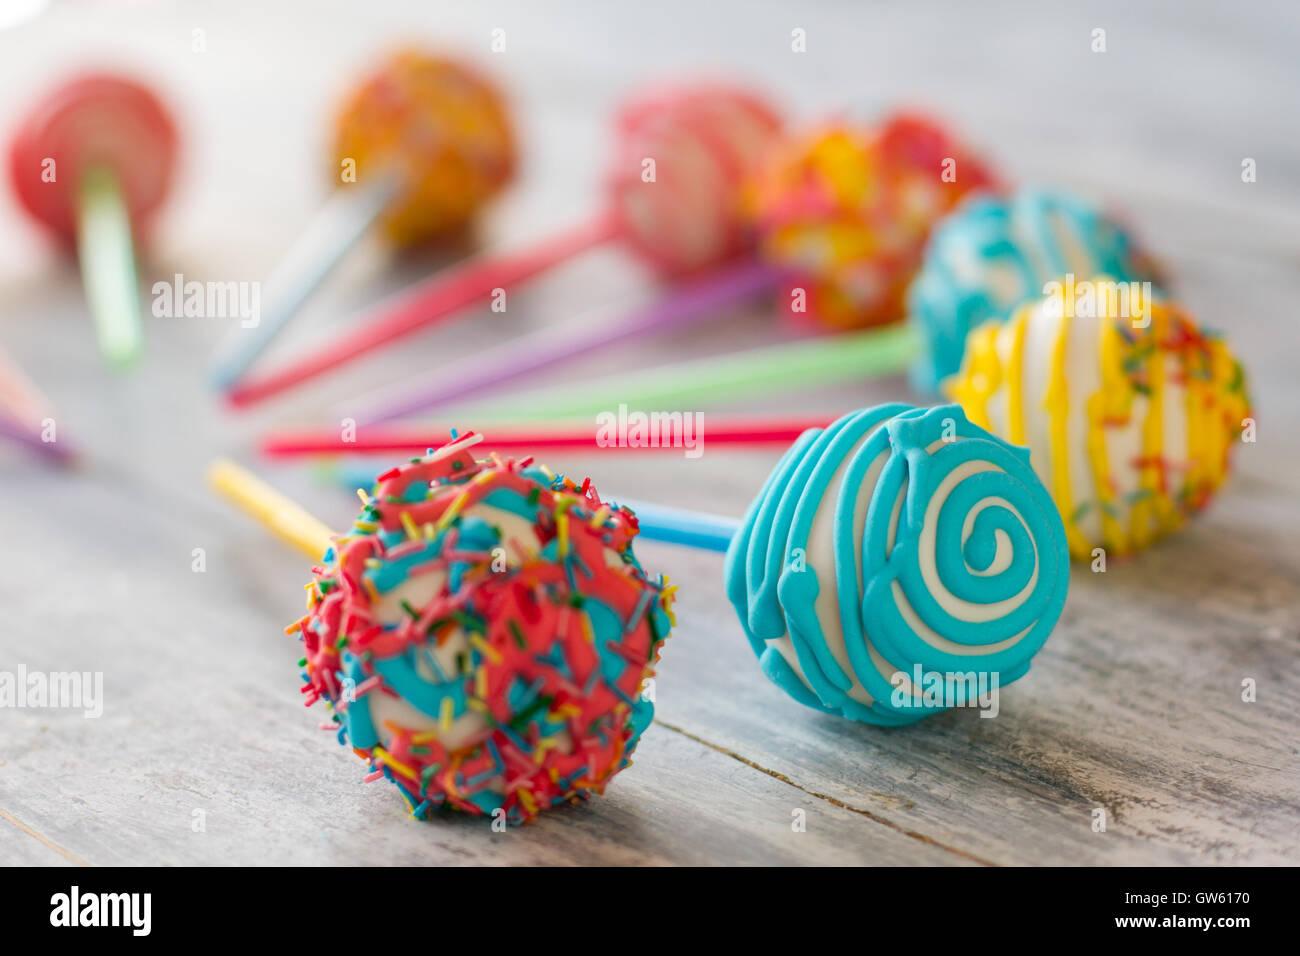 Bunte kugelförmige Süßigkeiten. Stockbild